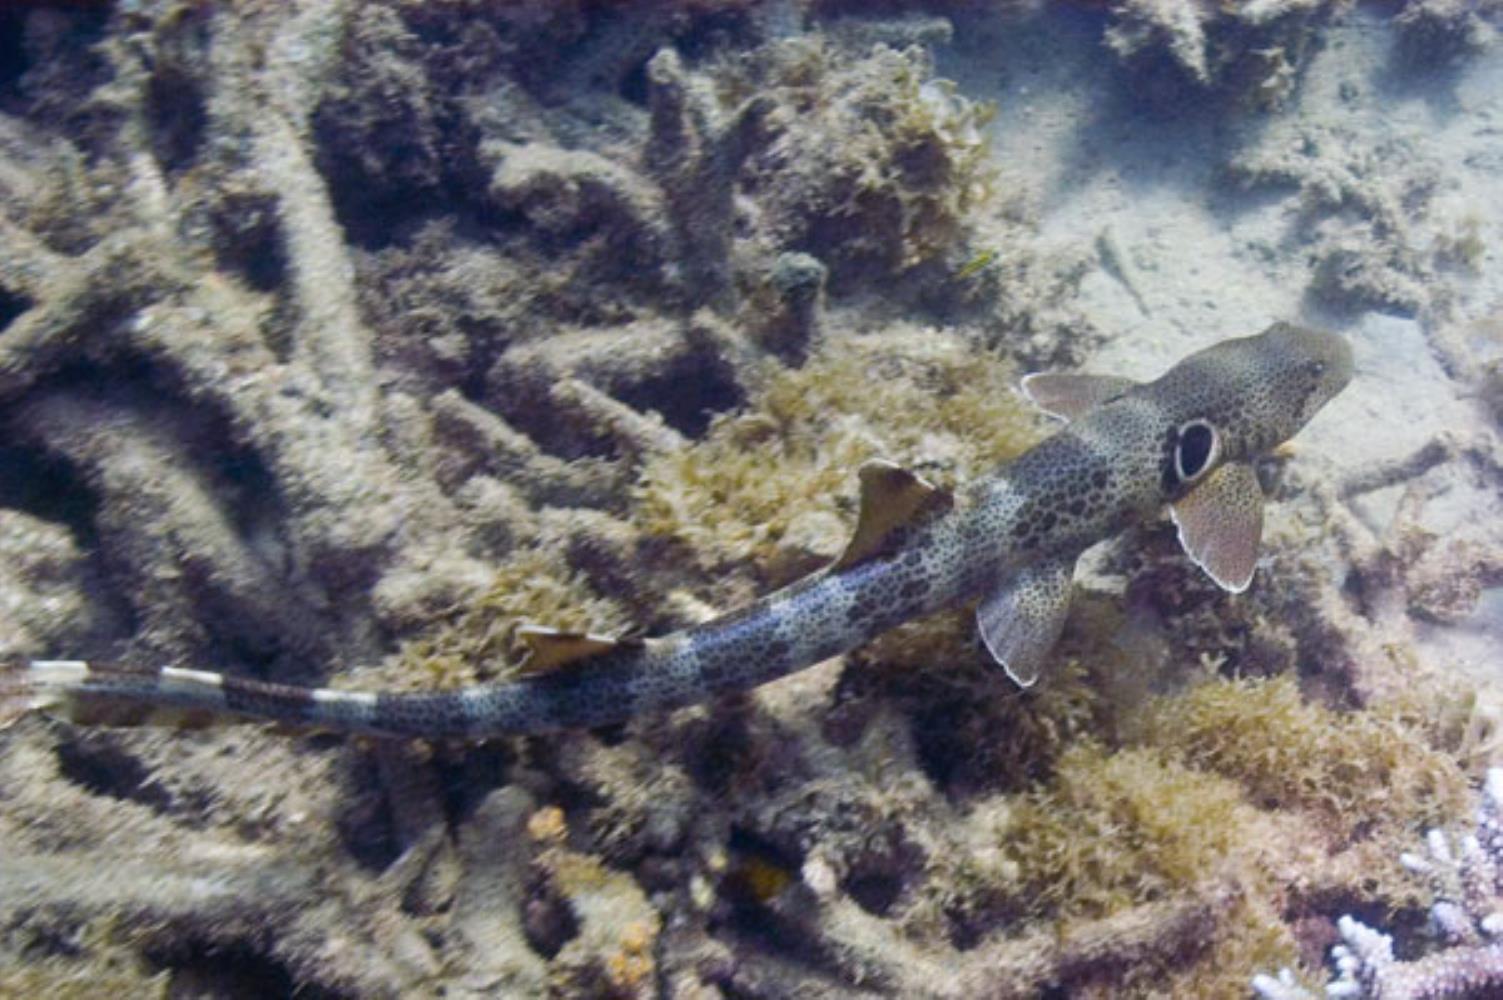 Speckled epaulette shark